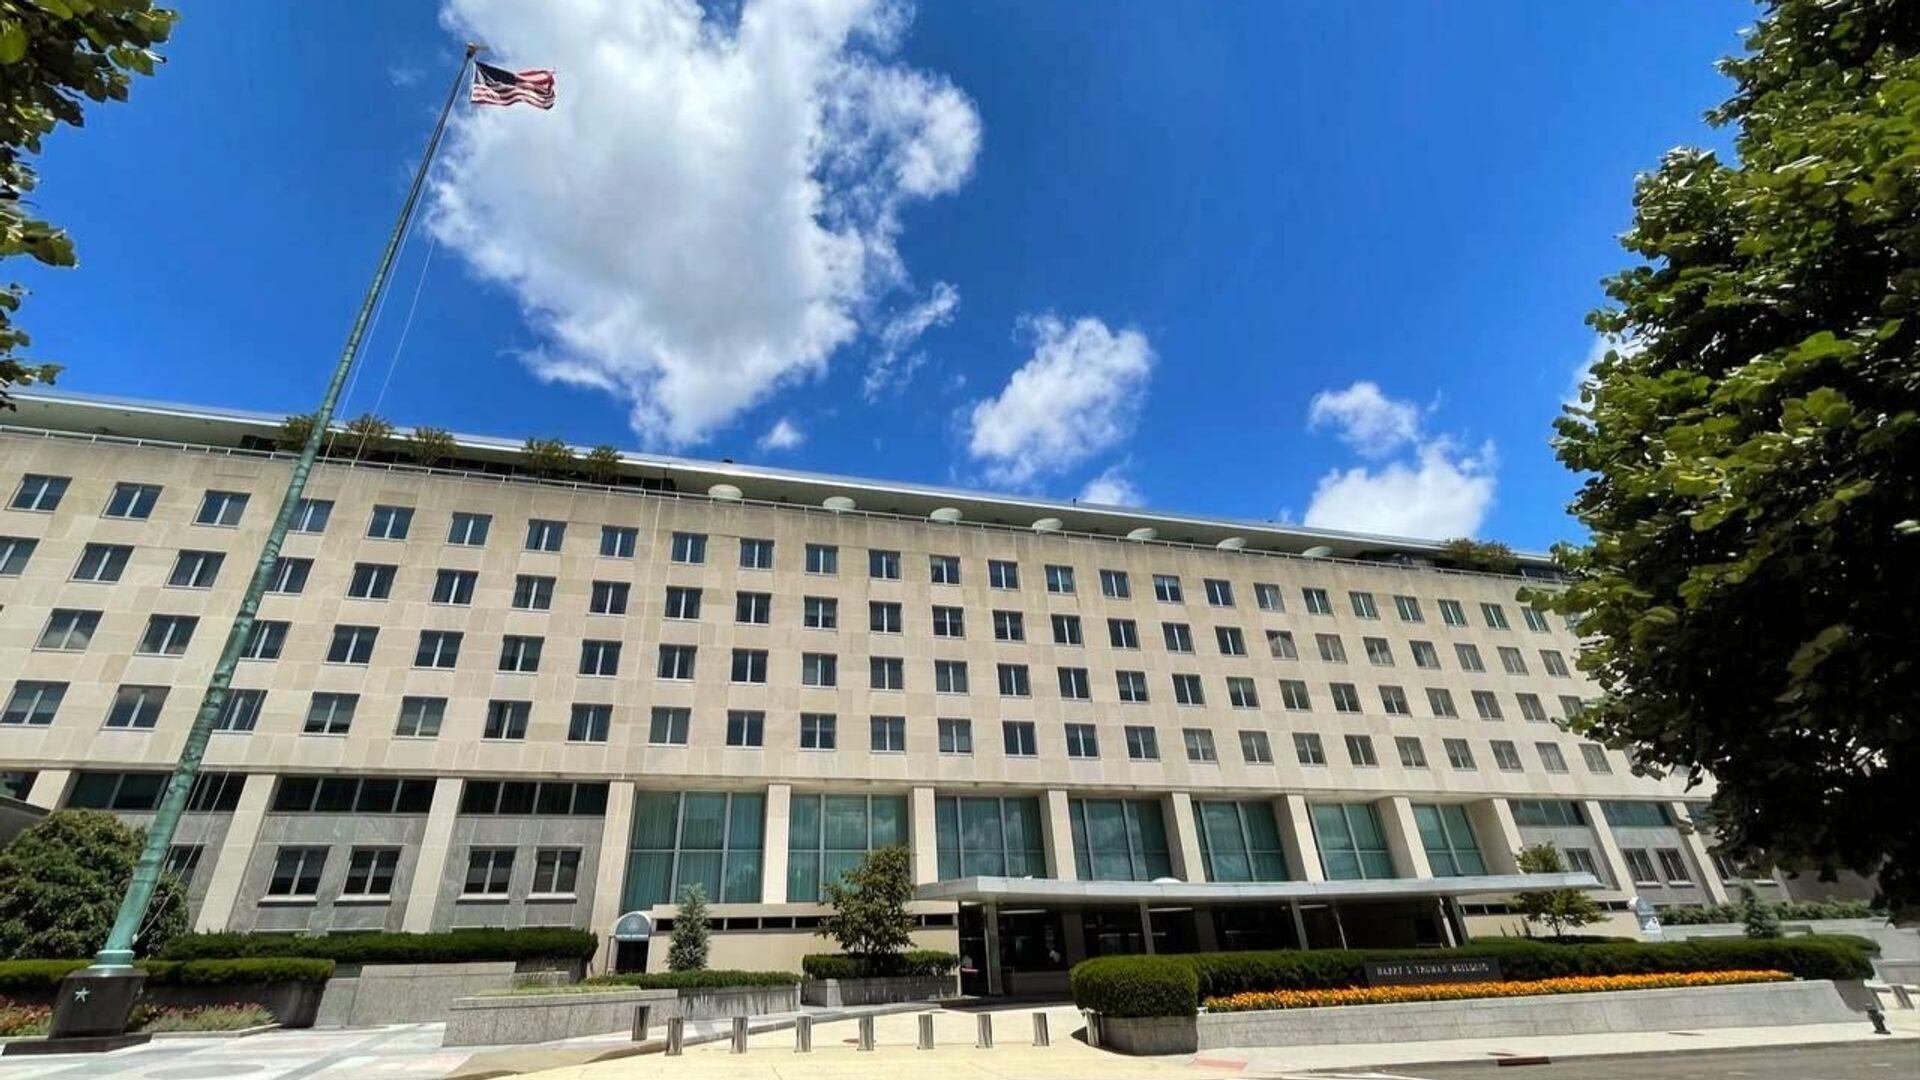 Здание Государственного департамента США в Вашингтоне - РИА Новости, 1920, 20.09.2021